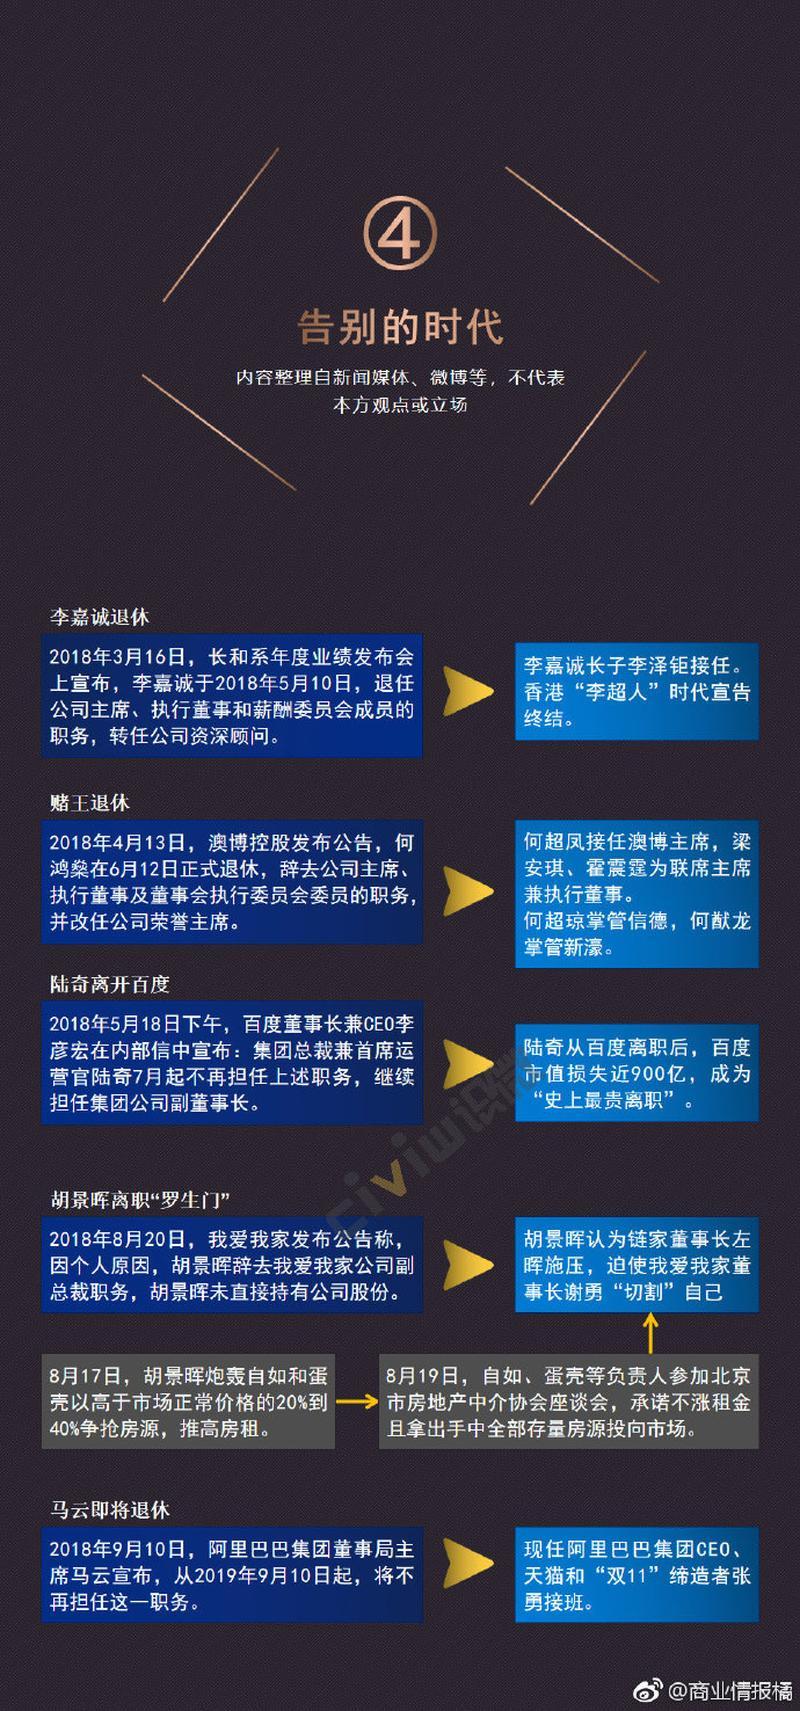 掘金话题小站于2019-01-07 14:15发布的图片